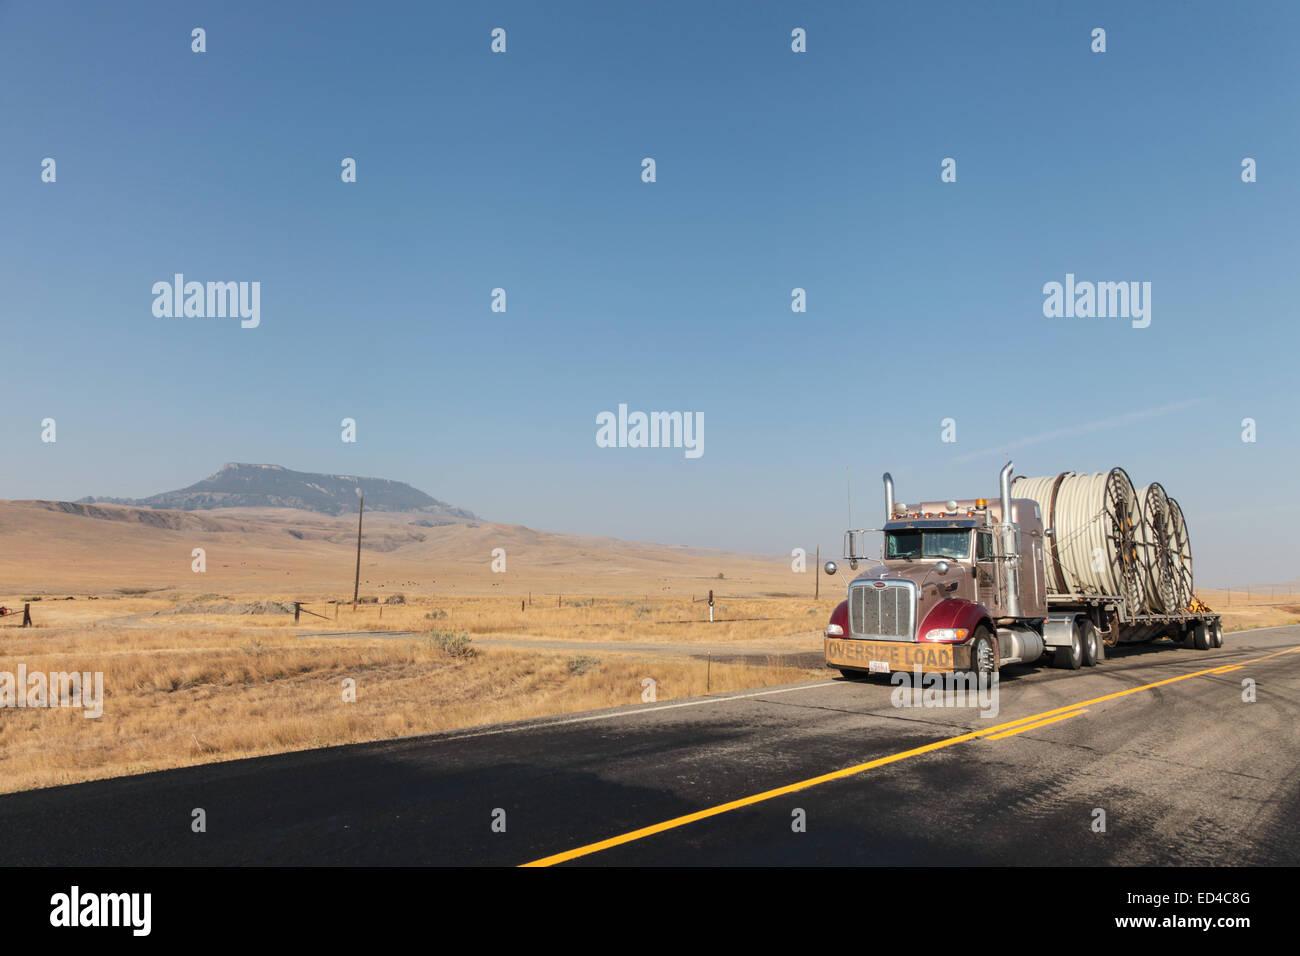 Un Américain Peterbilt 379 camion semi bobines de tuyau en plastique HDPE sur une remorque à plateau pour Photo Stock